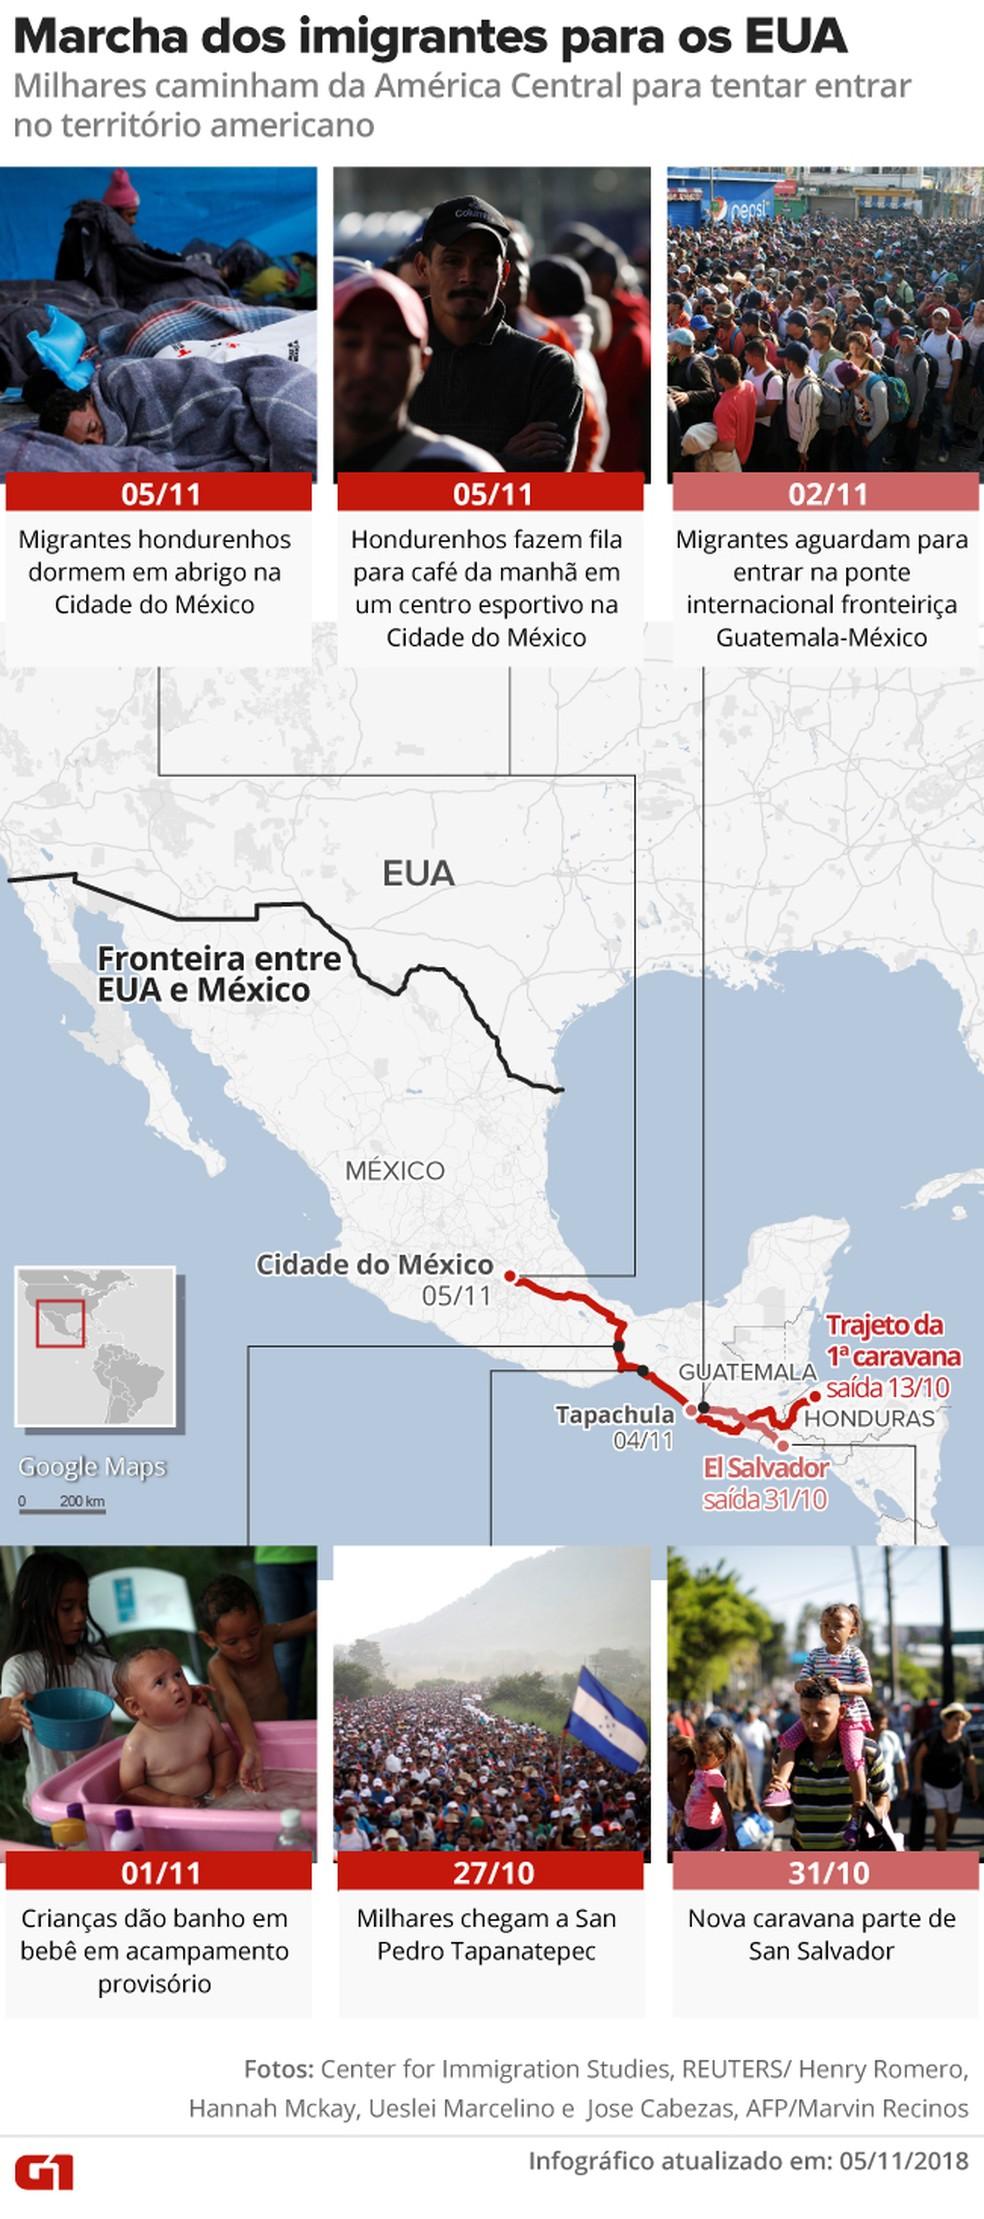 Mapa mostra caminho dos imigrantes rumo à fronteira do México com os EUA — Foto: Infografia: Alexandre Mauro